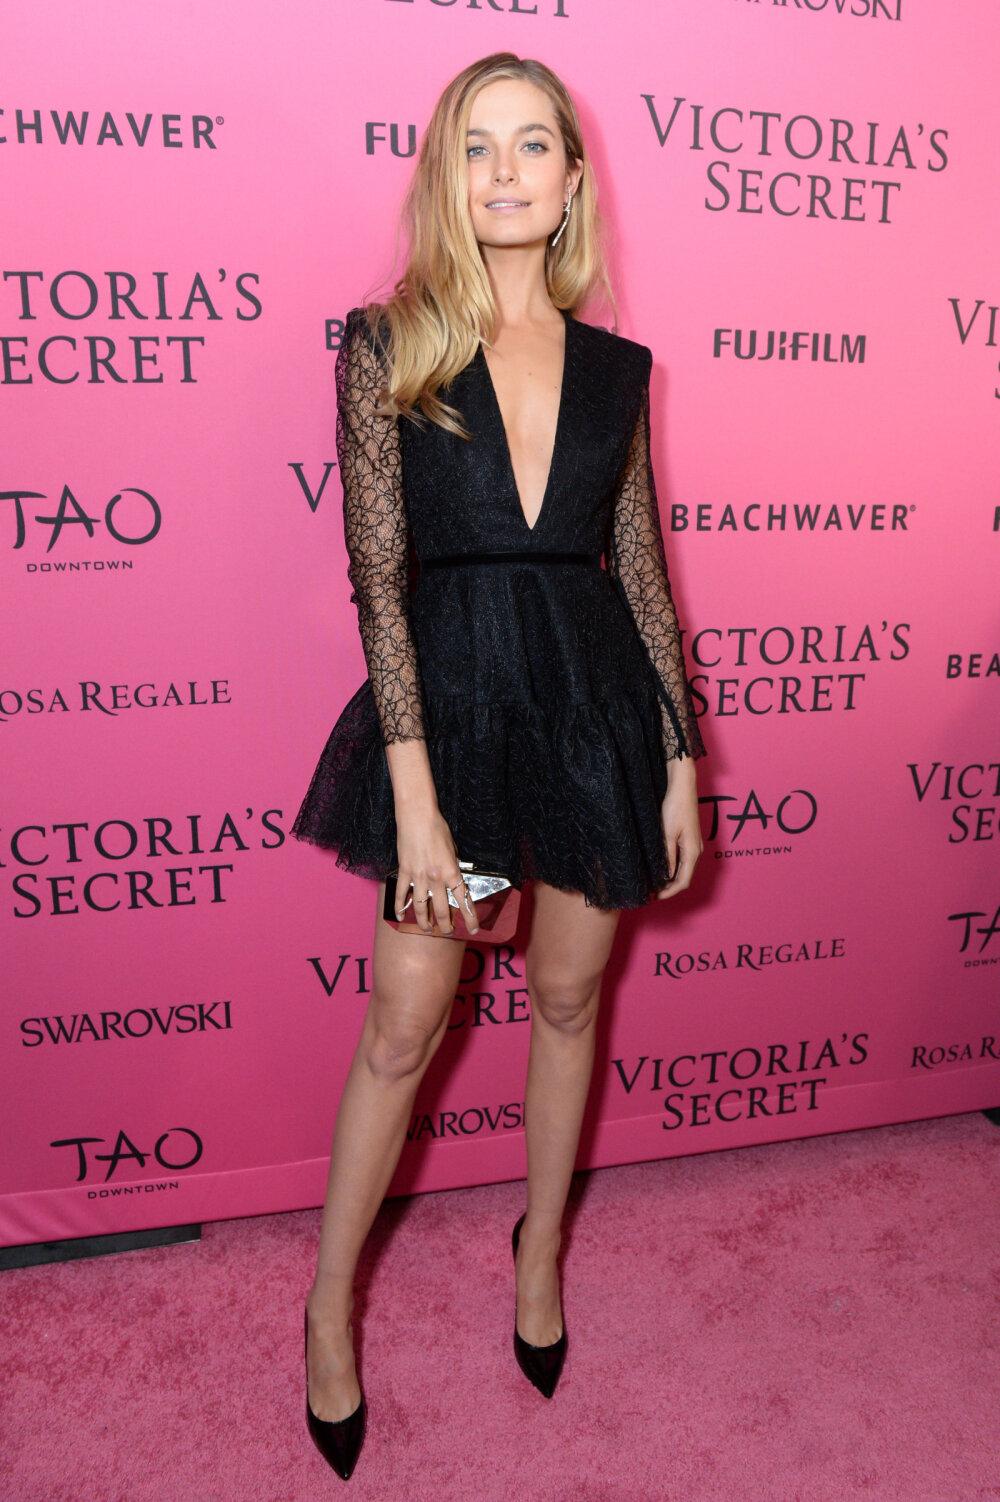 1cfc97eba82 Victoria's Secreti modelli pihtimus: mu ideaalse keha taga oli ...